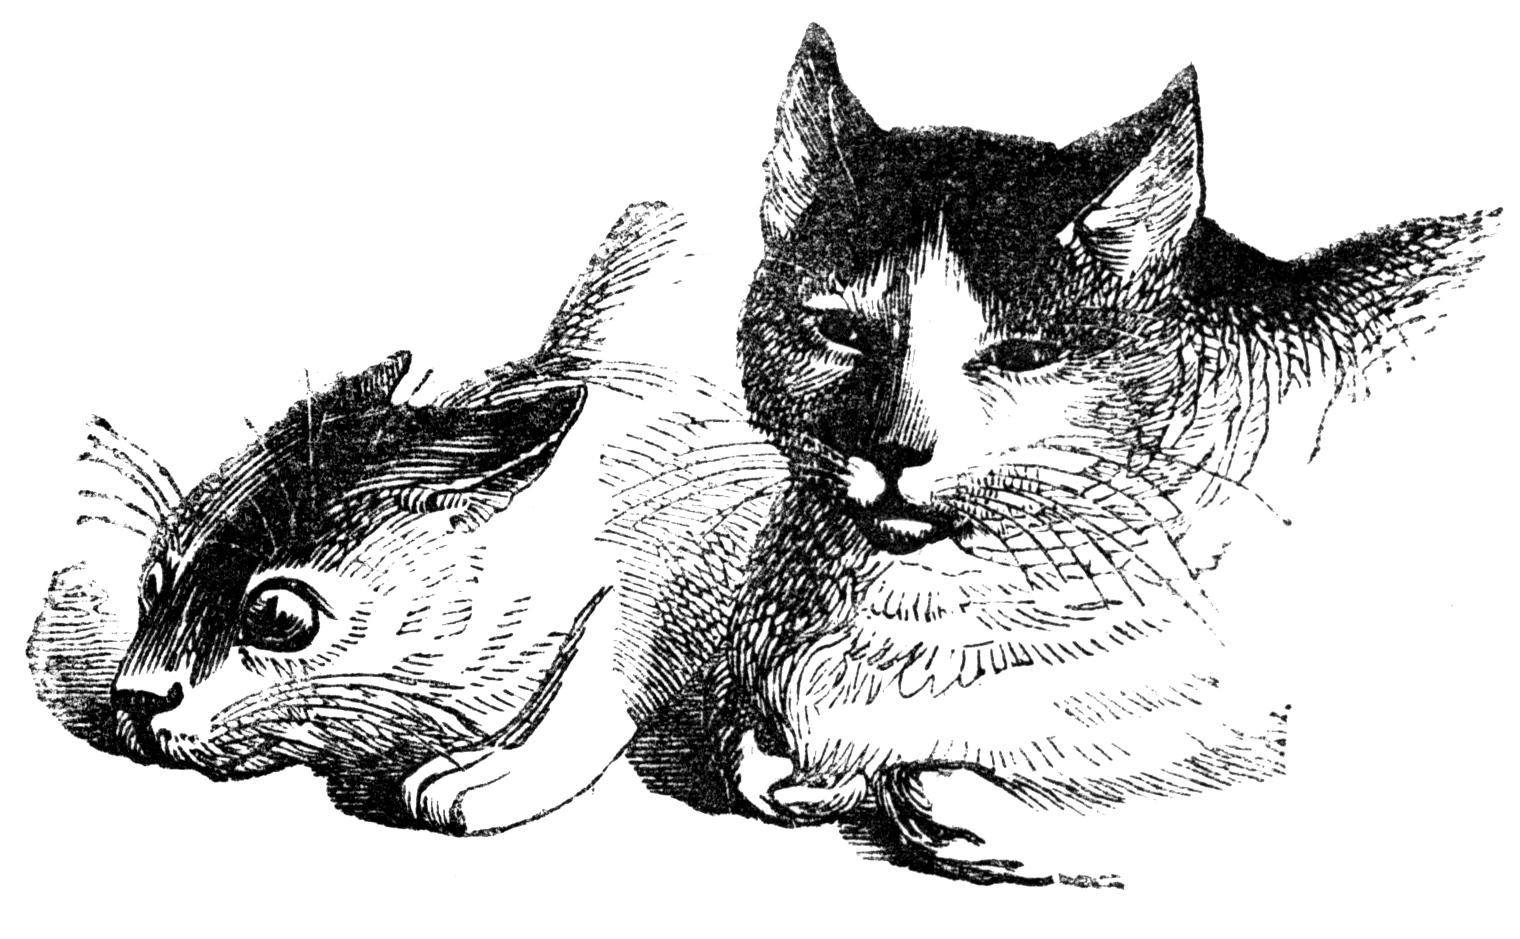 http://1.bp.blogspot.com/-CToPguXHWJ0/VLPiS-qQ--I/AAAAAAAAPbw/C5kHwjrj0DQ/s1600/two%2Bcats.cv.jpg